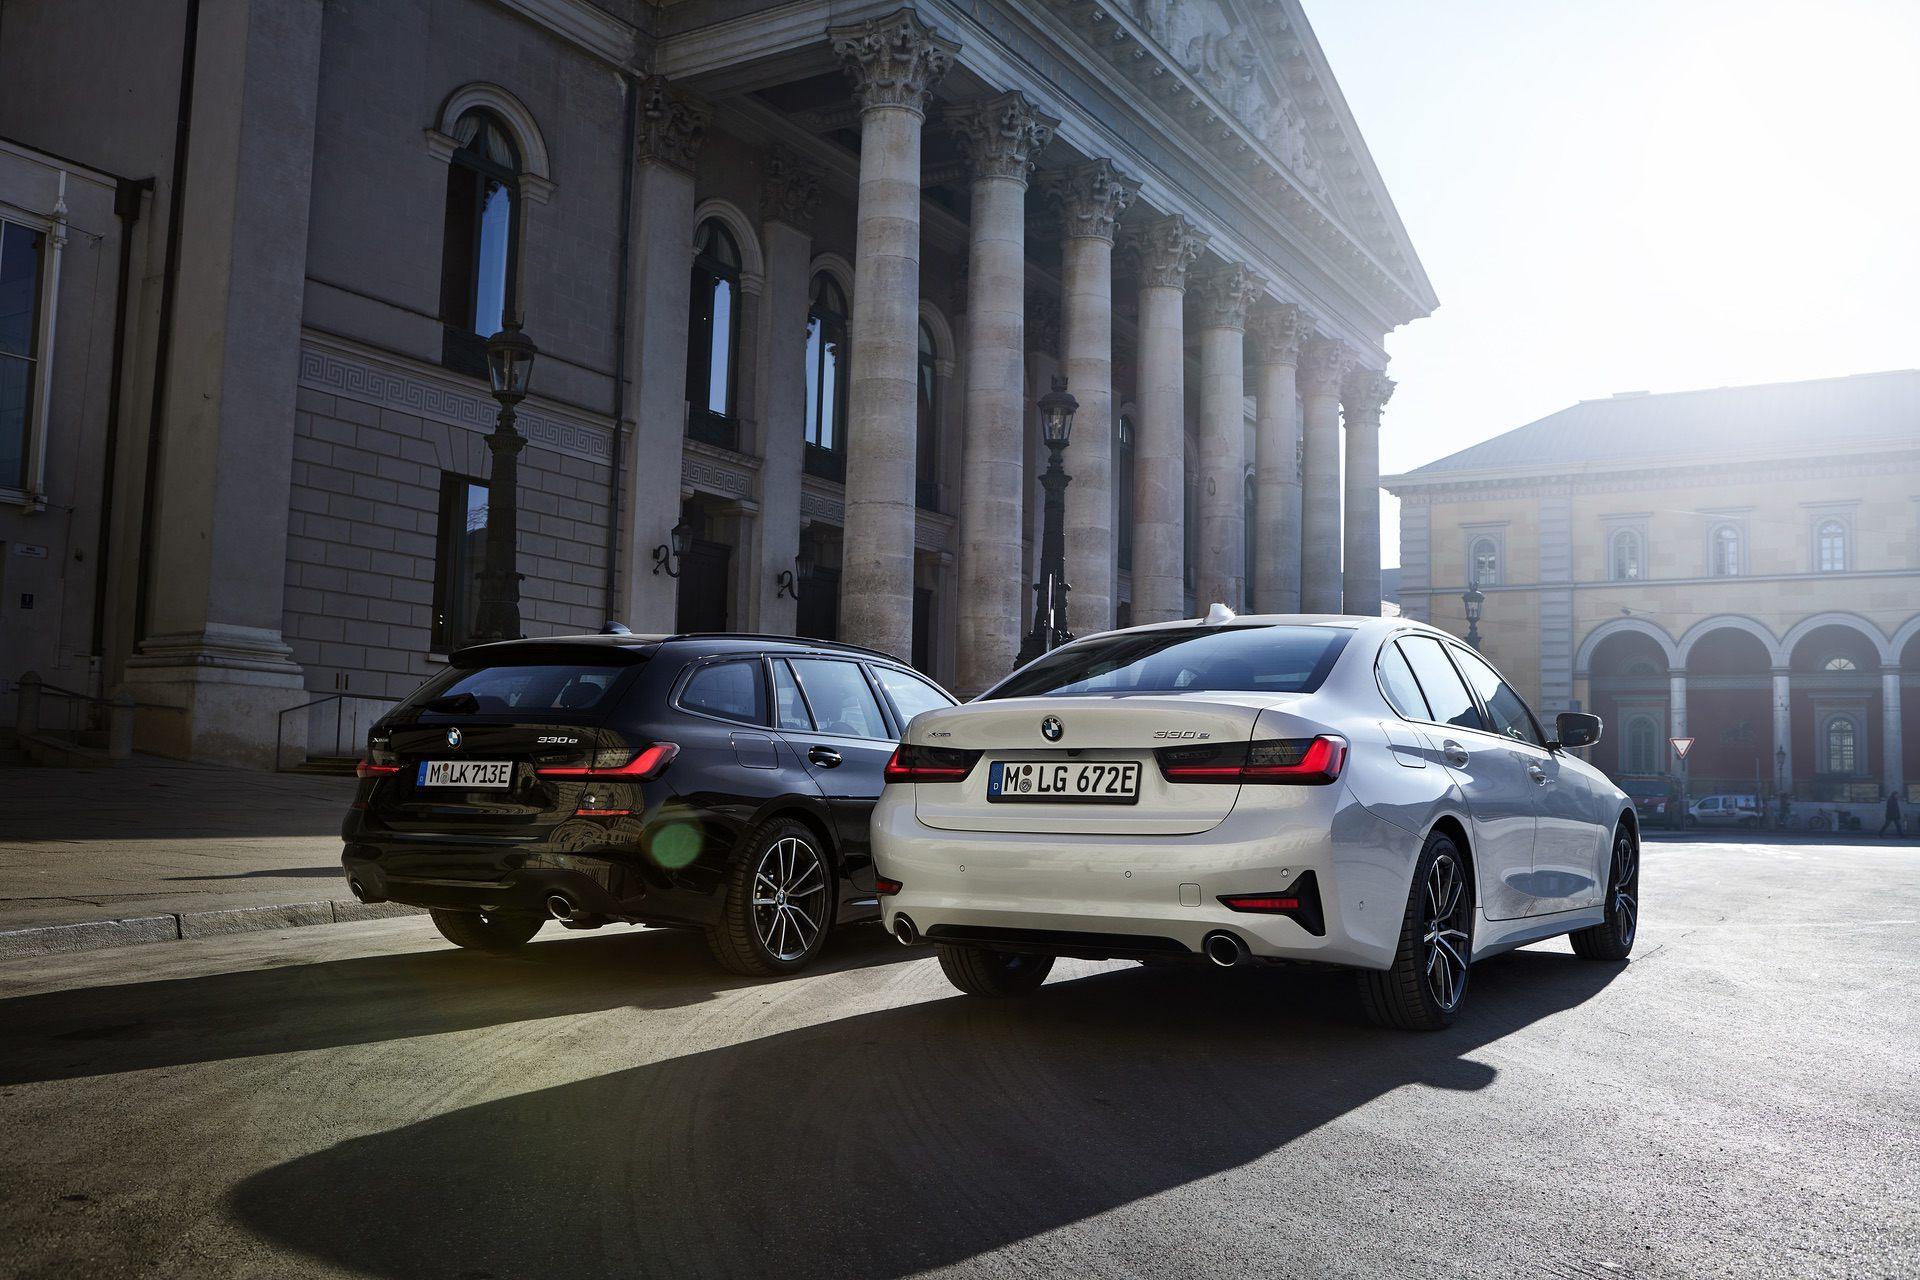 BMW launches 3 new hybrids: 330e Touring, 330e Touring xDrive and 330e Sedan xDrive